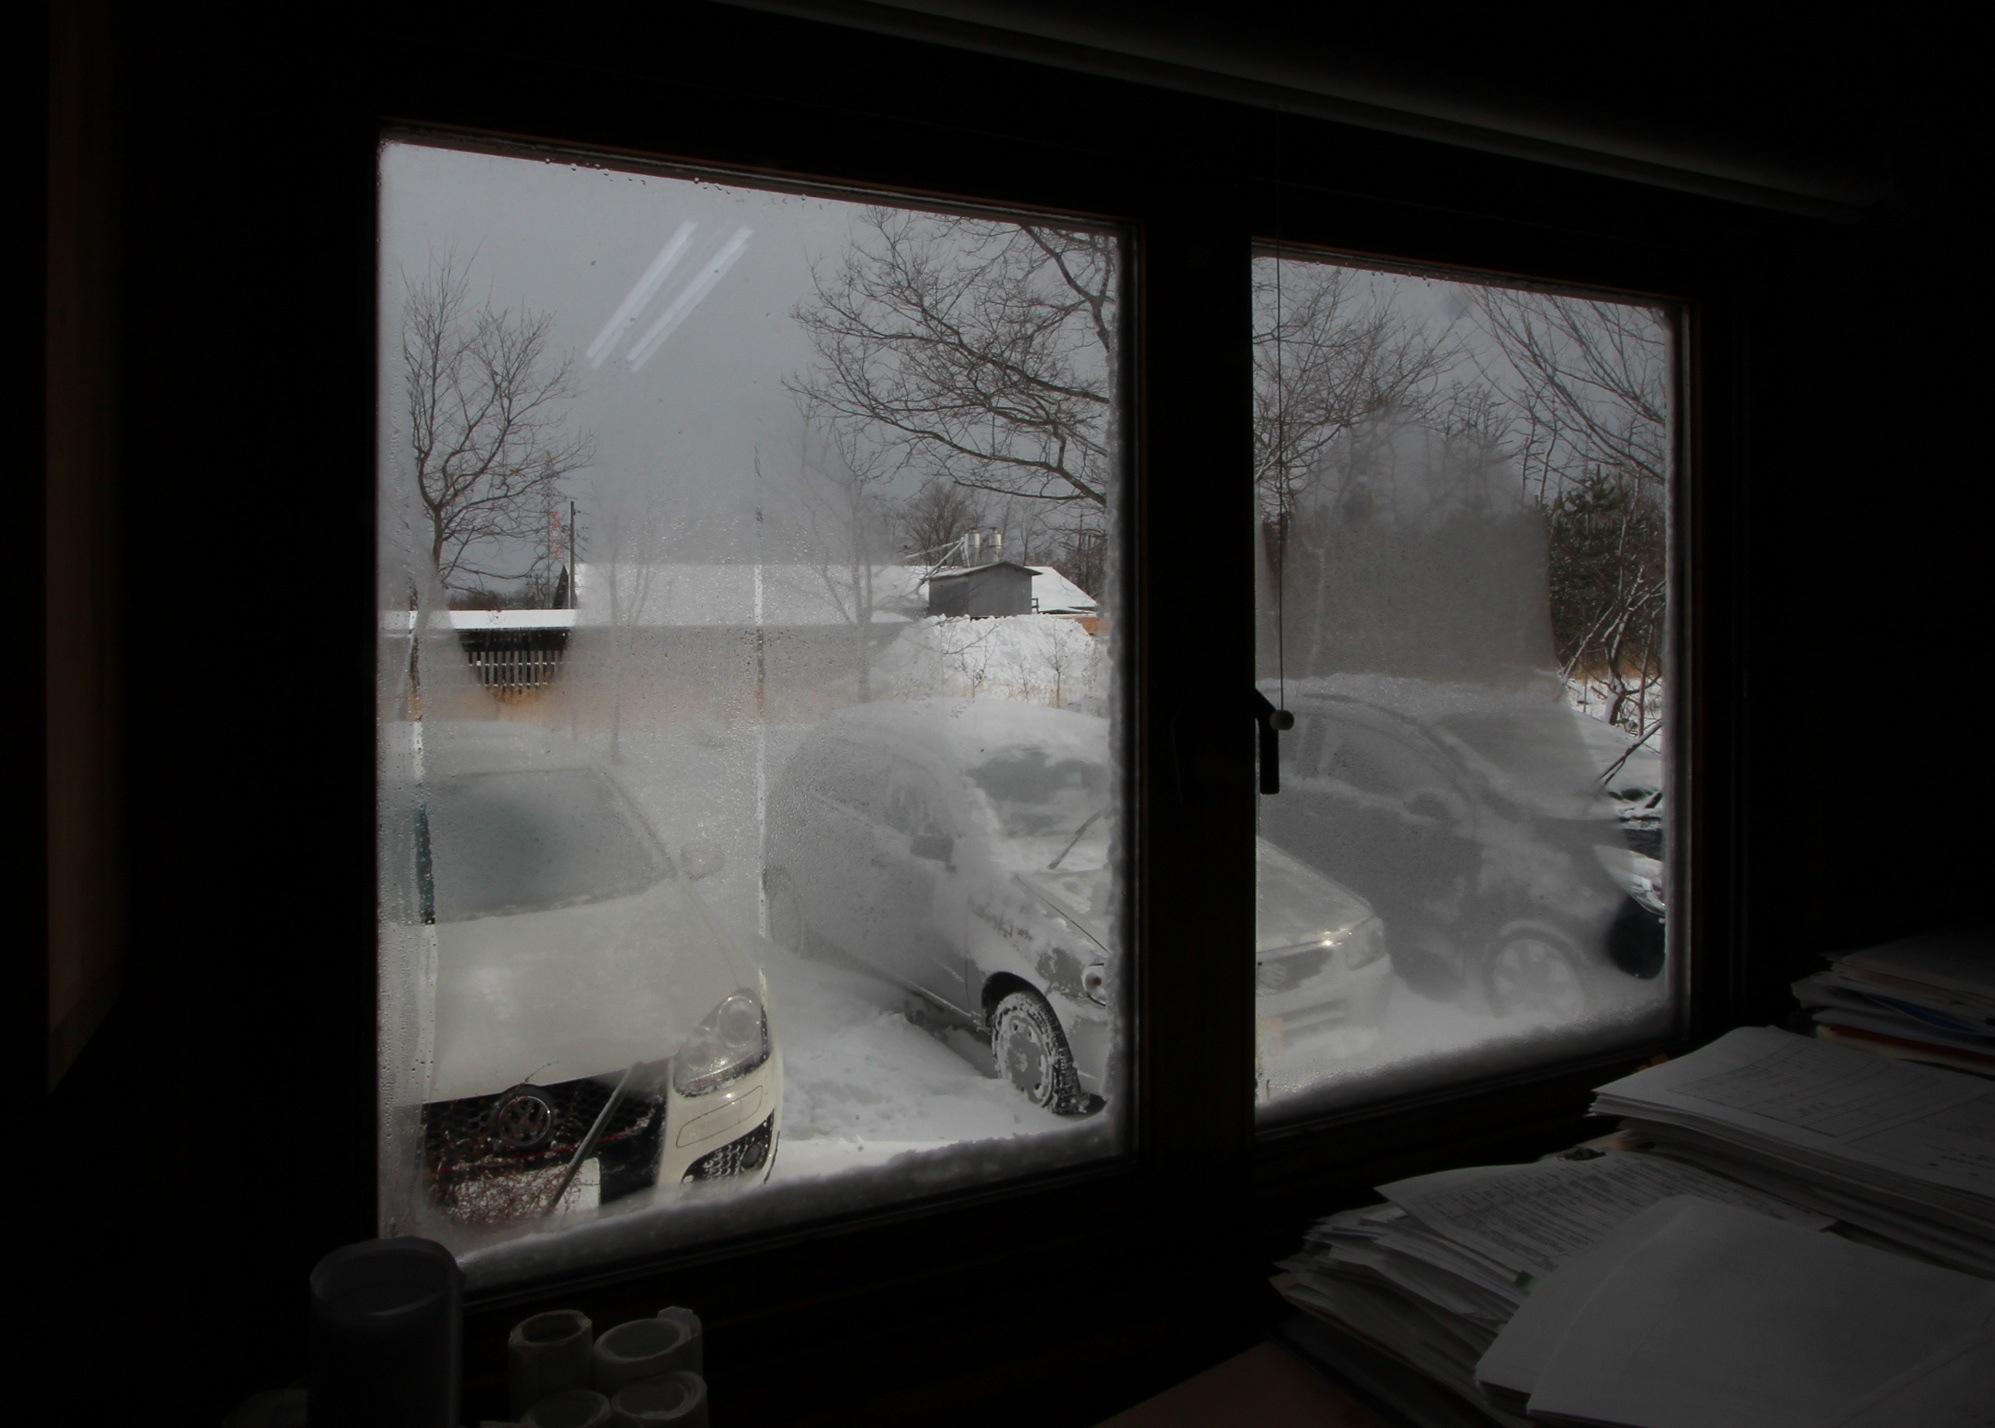 アトリエの窓の表面温度と結露_e0054299_15341598.jpg